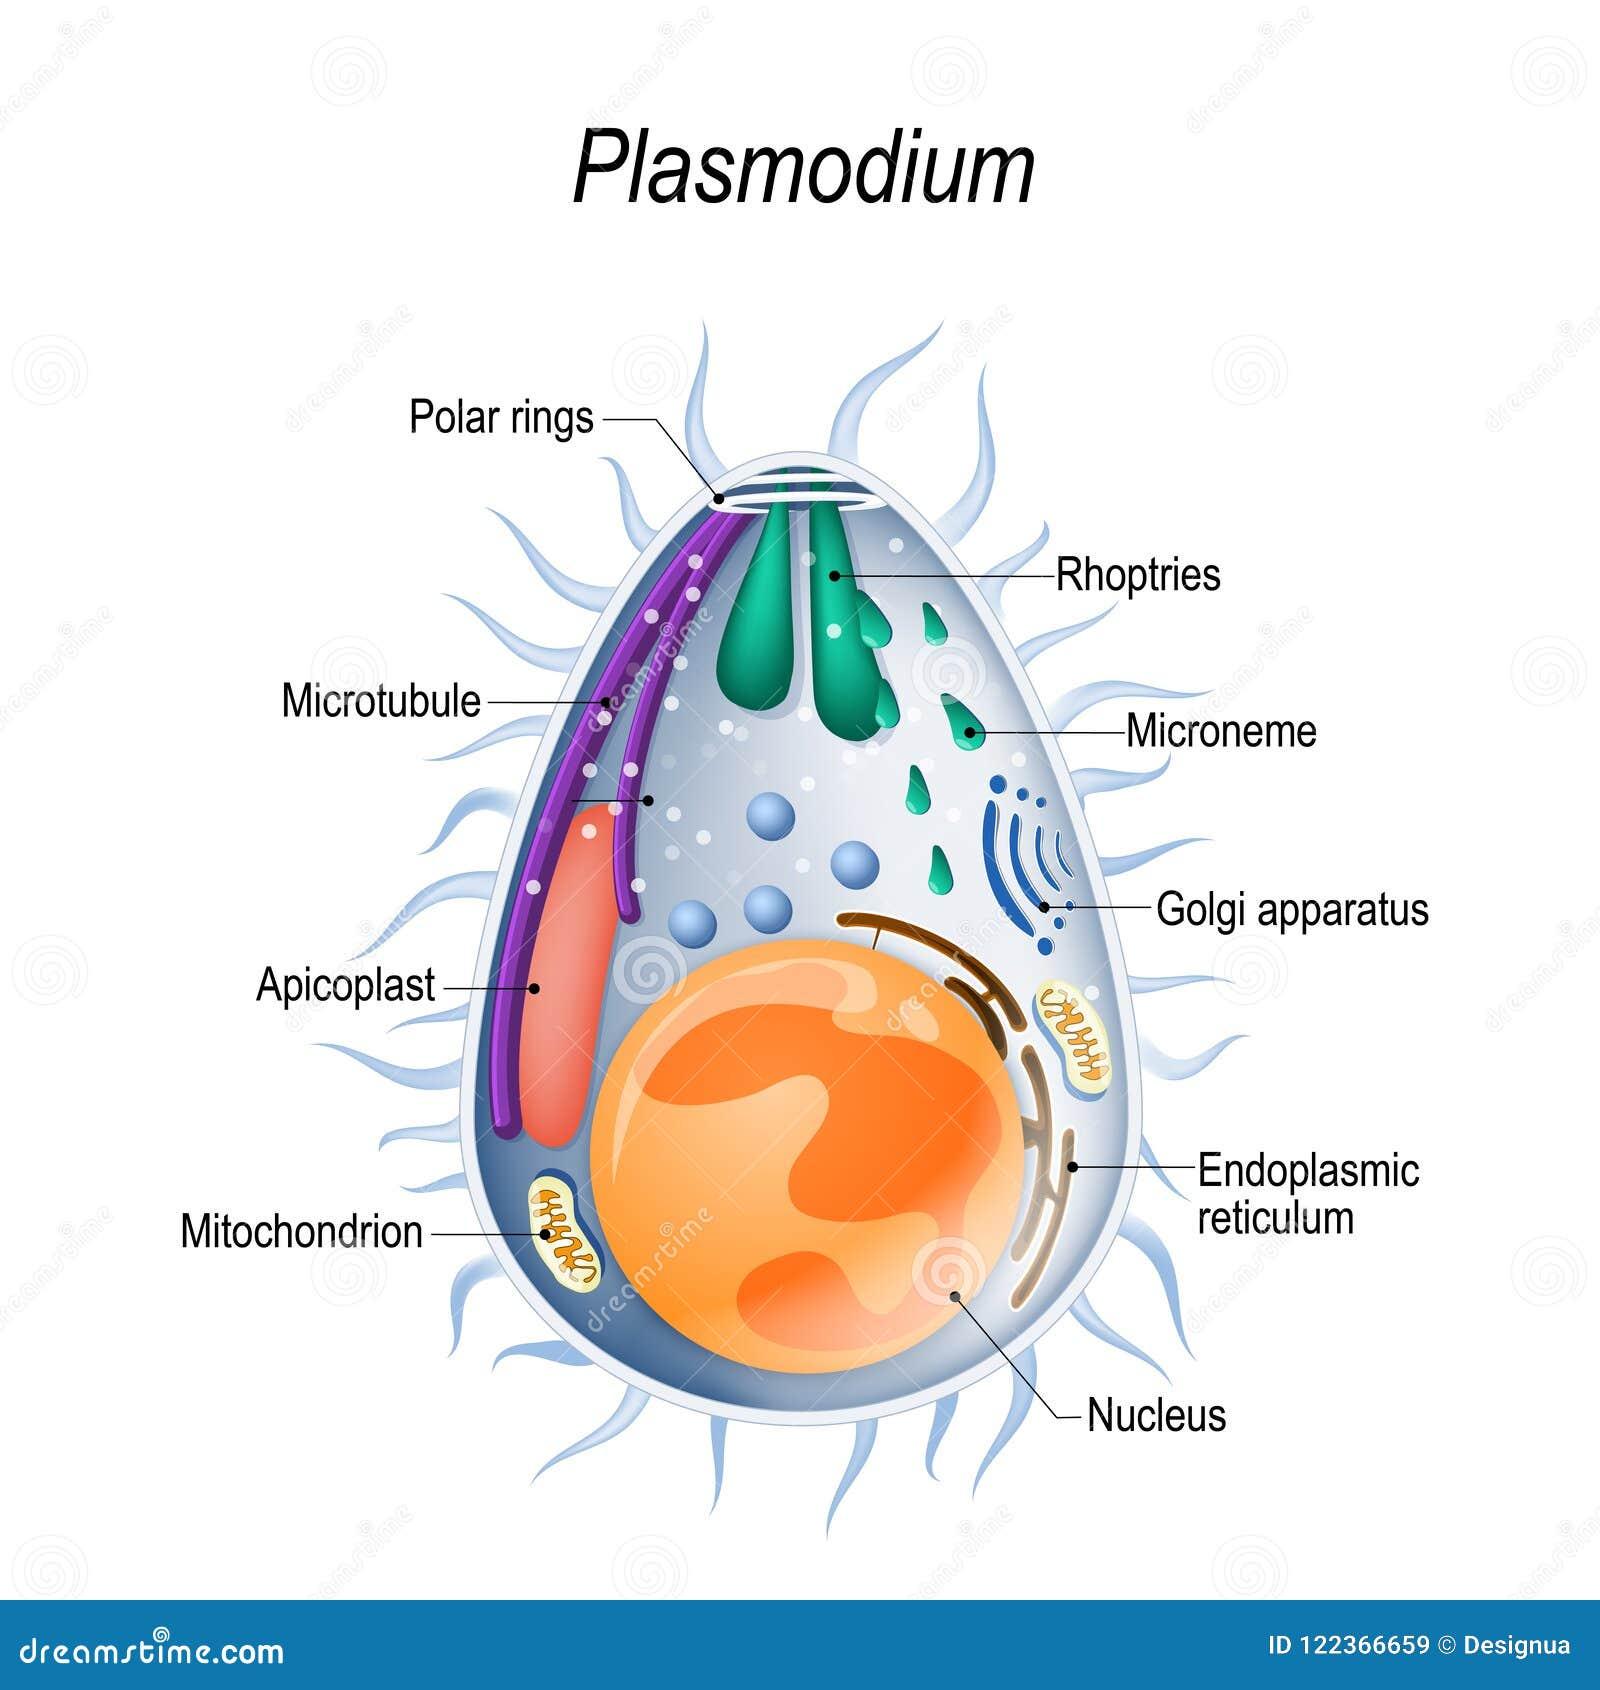 Diagram van de structuur van Plasmodium merozoites